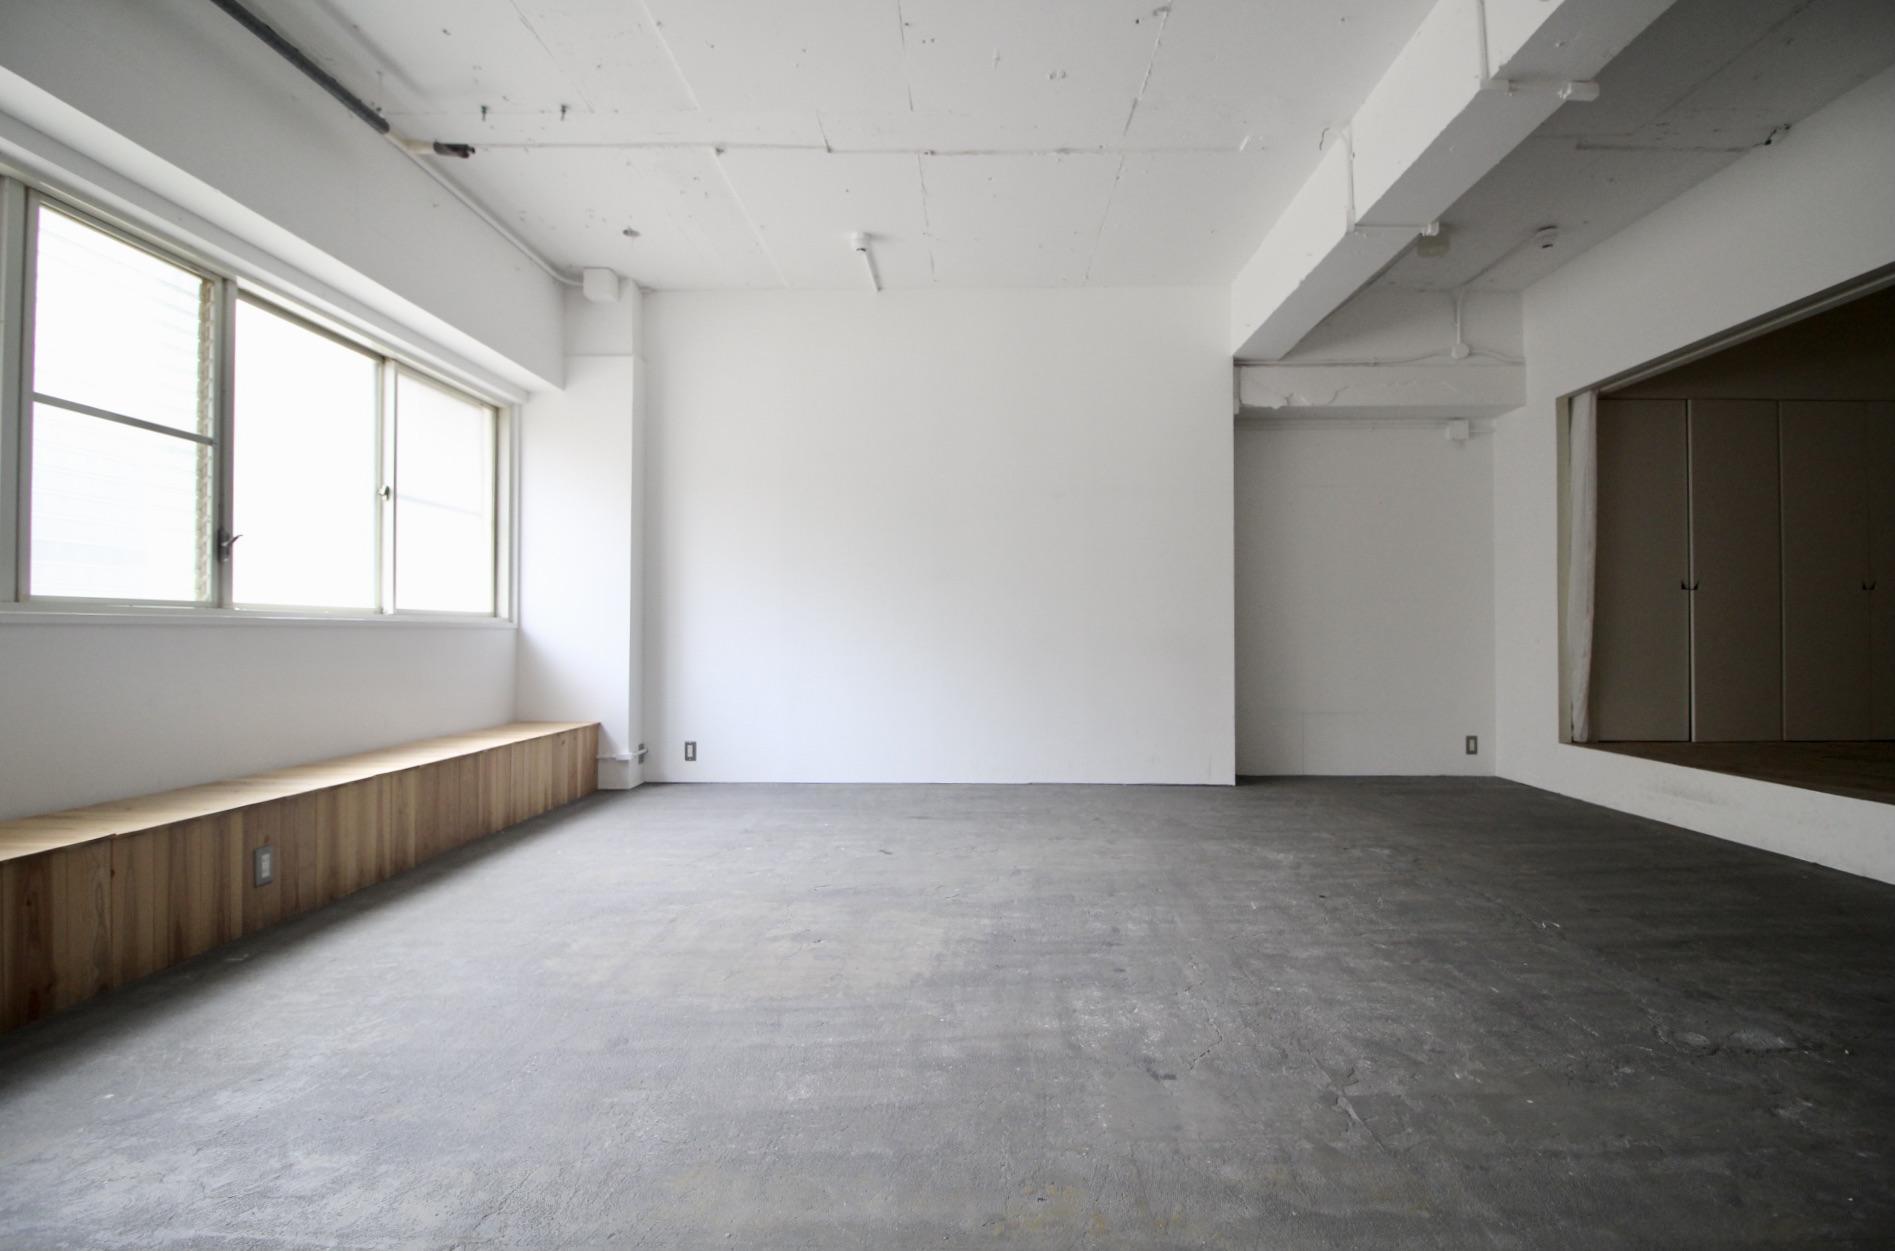 自然光が差し込み、一面白い壁で撮影などにも使えます